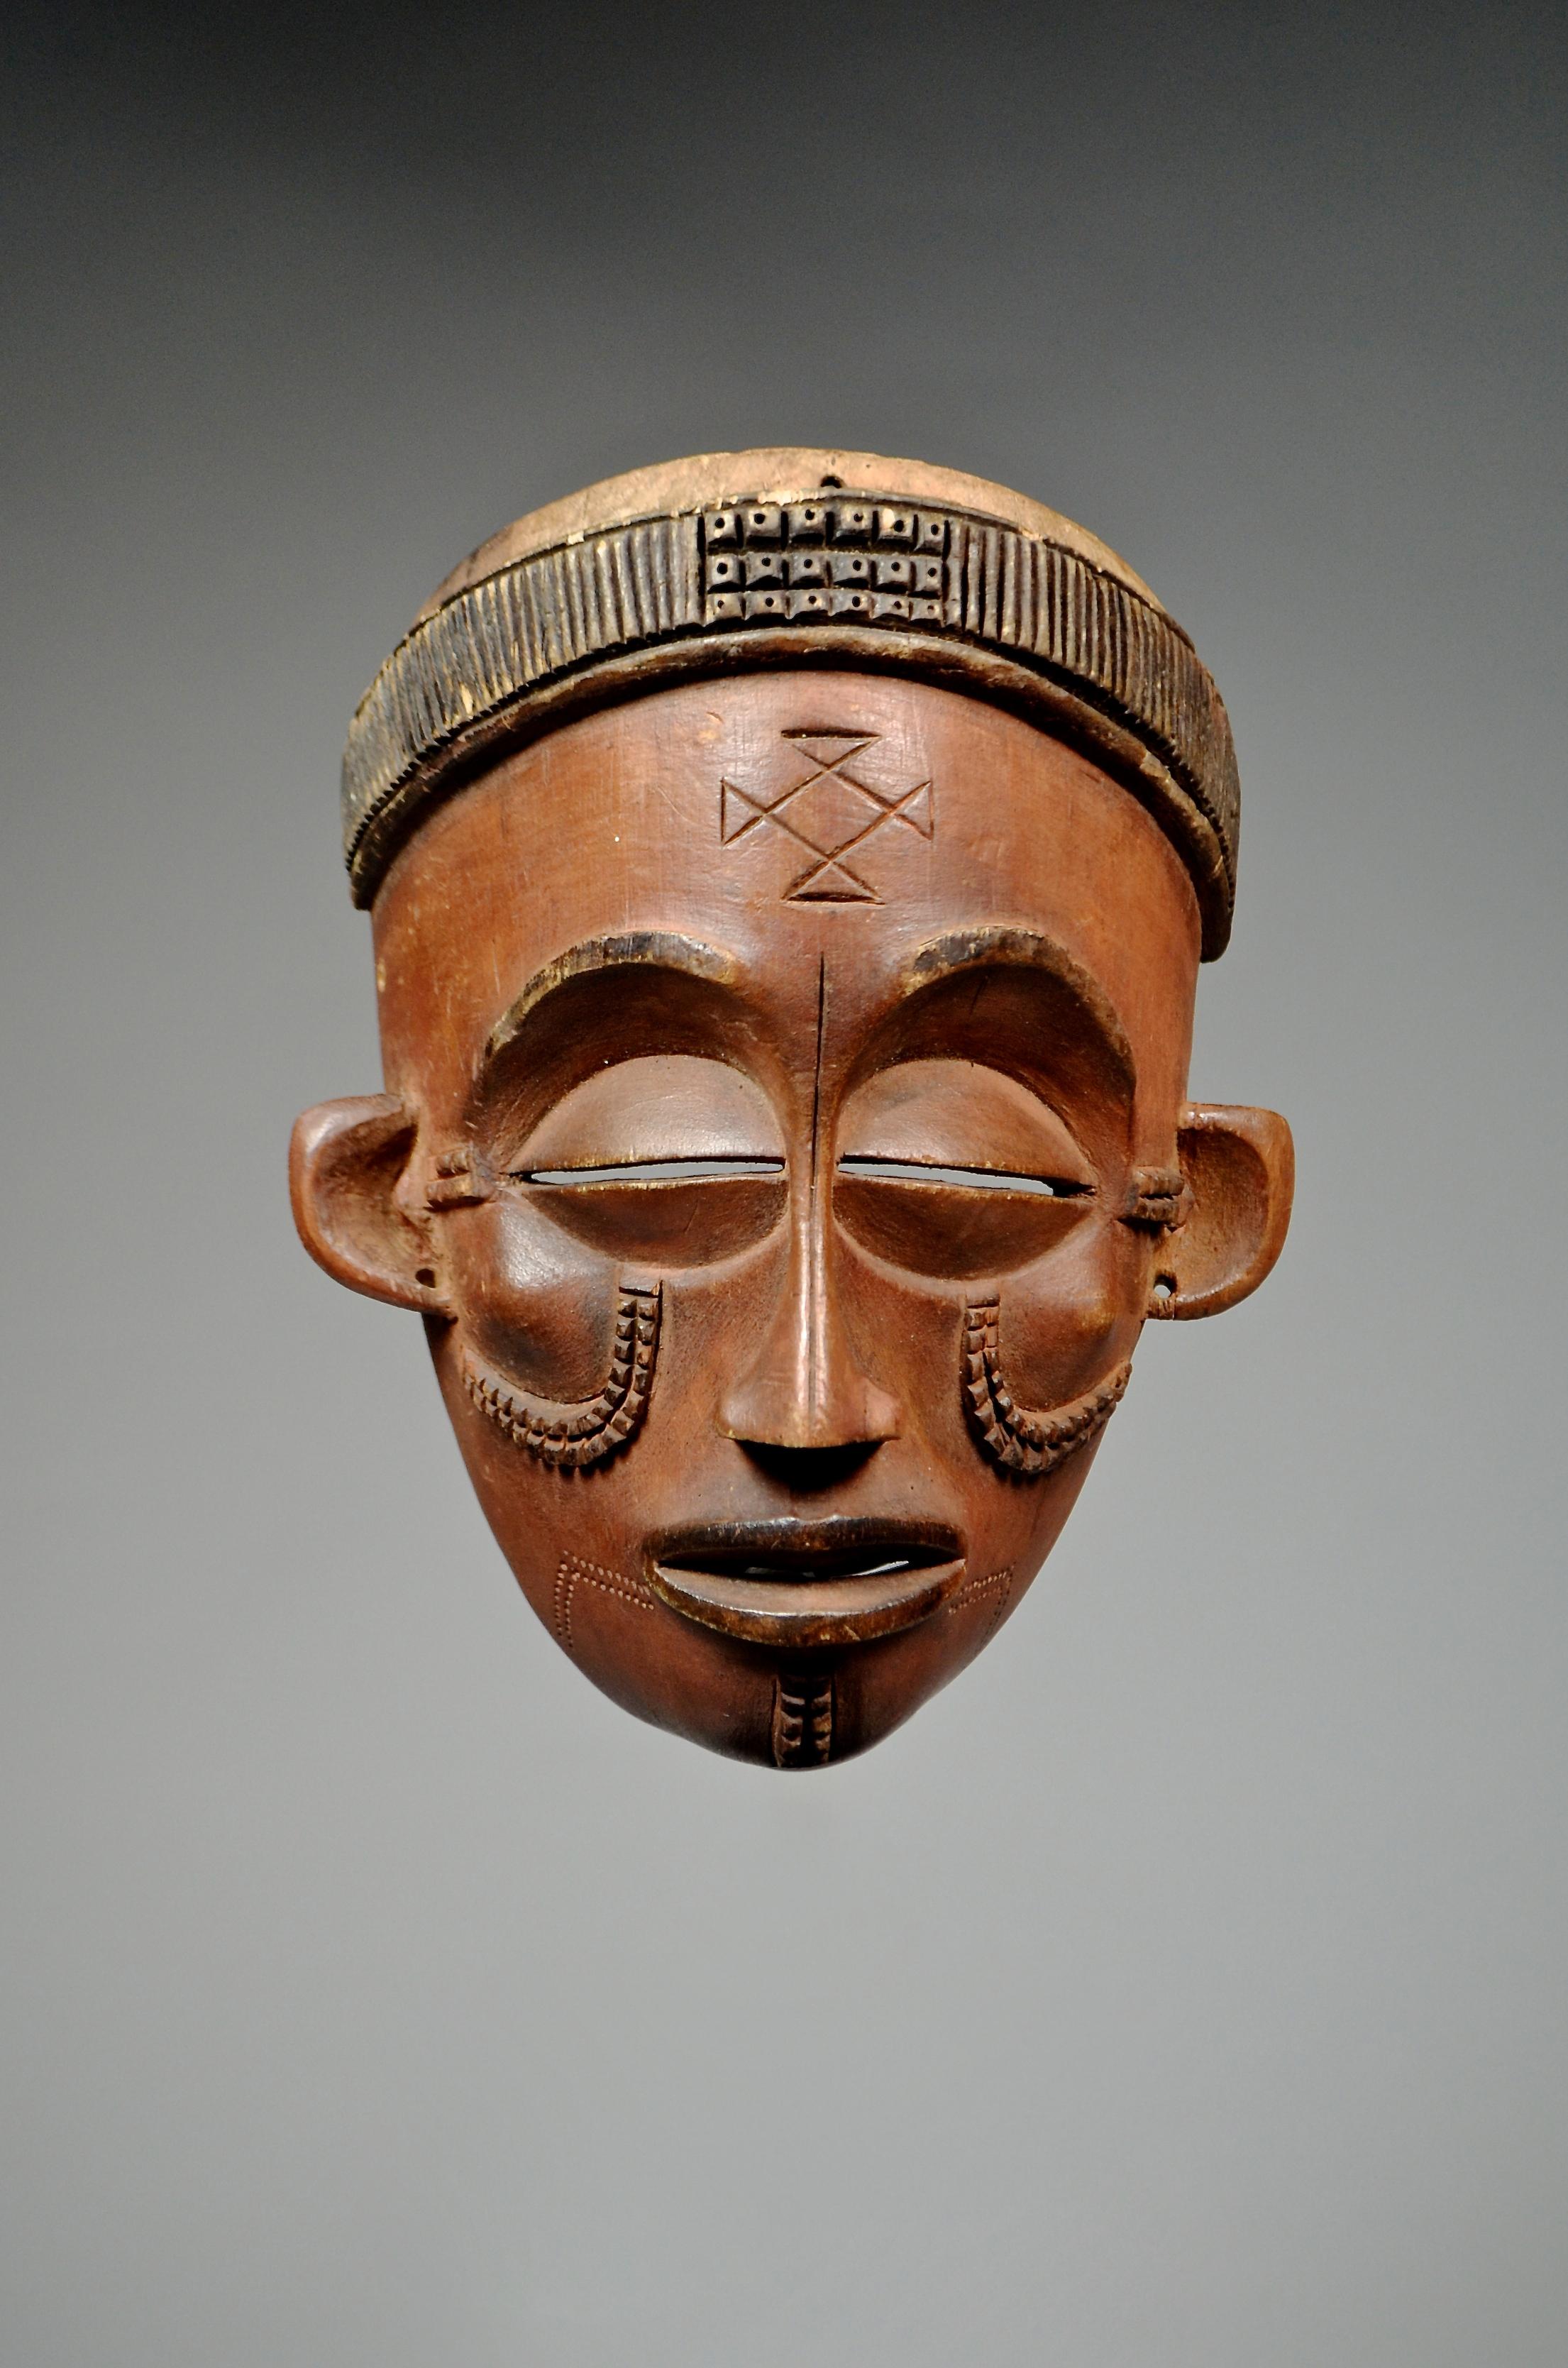 Chokwe face mask 'Pwo'